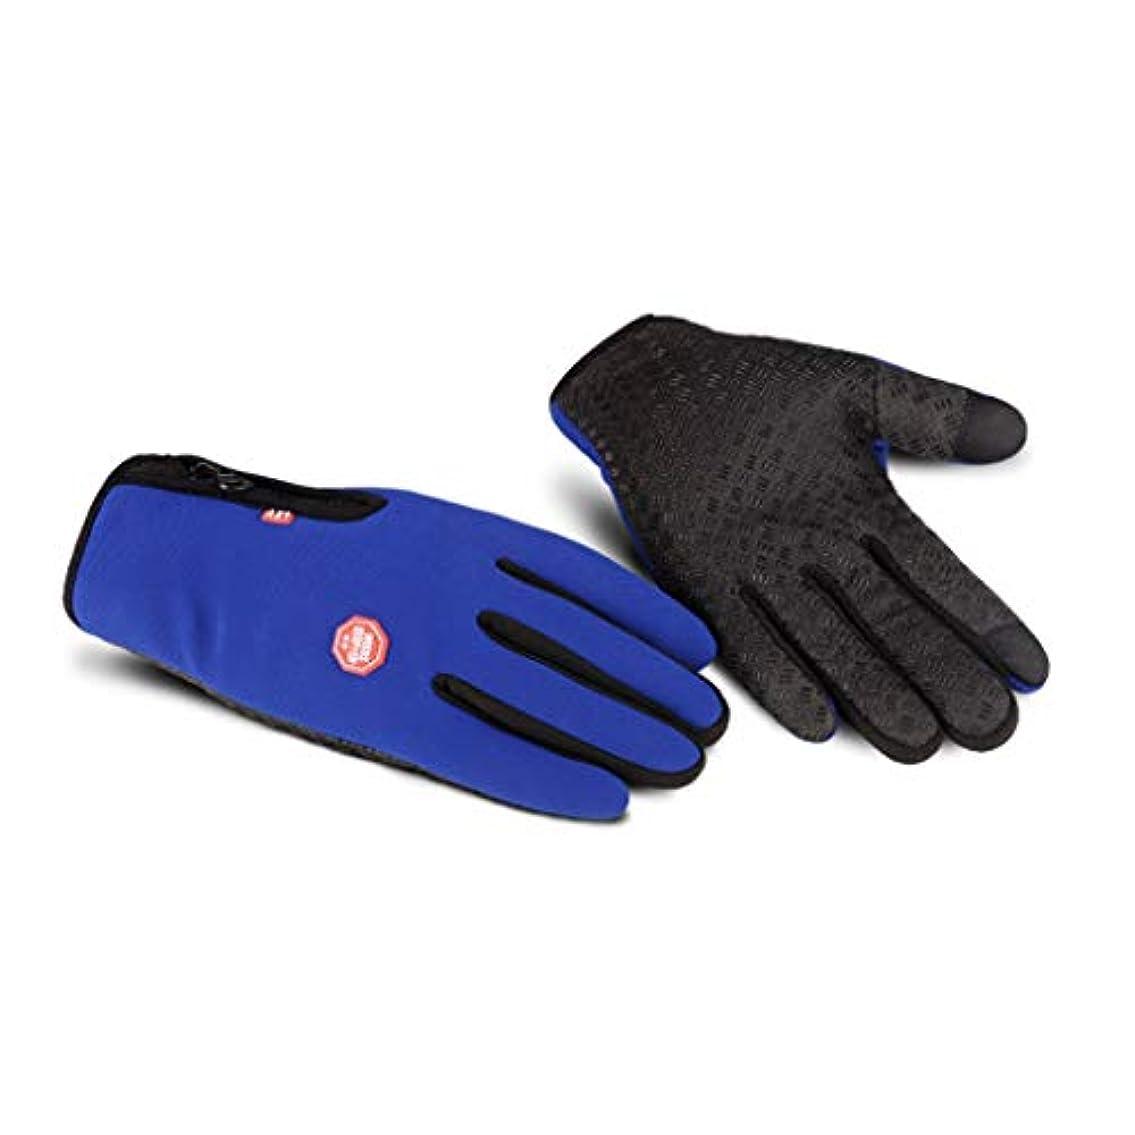 ホームチロ蓋手袋の男性の秋と冬の自転車電動バイクの女性のタッチスクリーンはすべて防風ノンスリップ暖かいコールドプラスベルベット弾性手袋ワンサイズ青